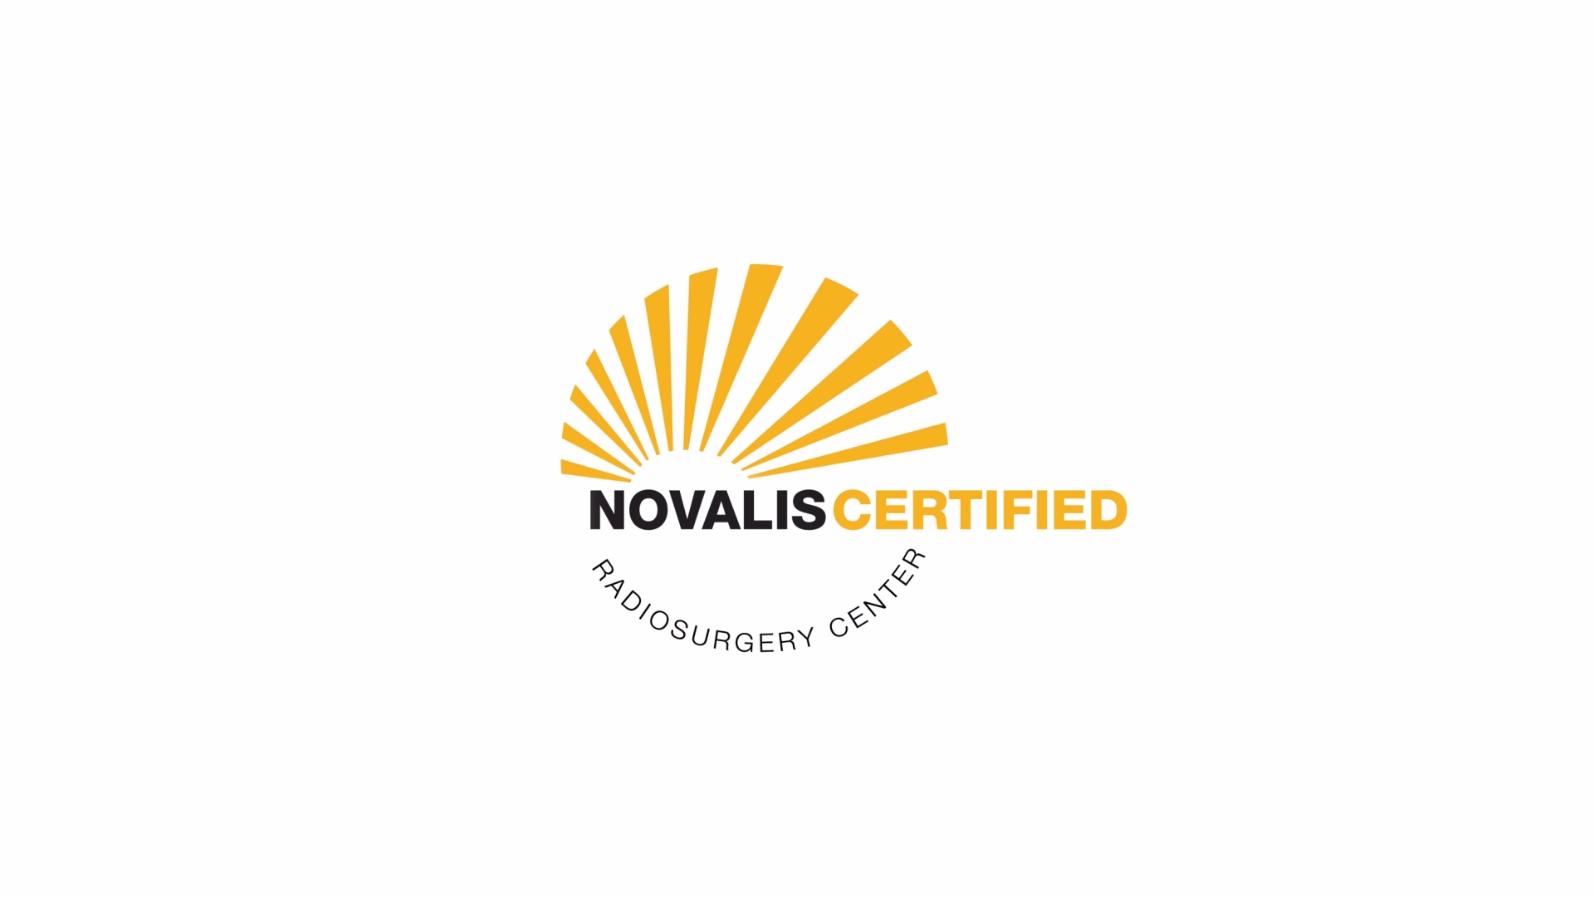 Novalis Certified